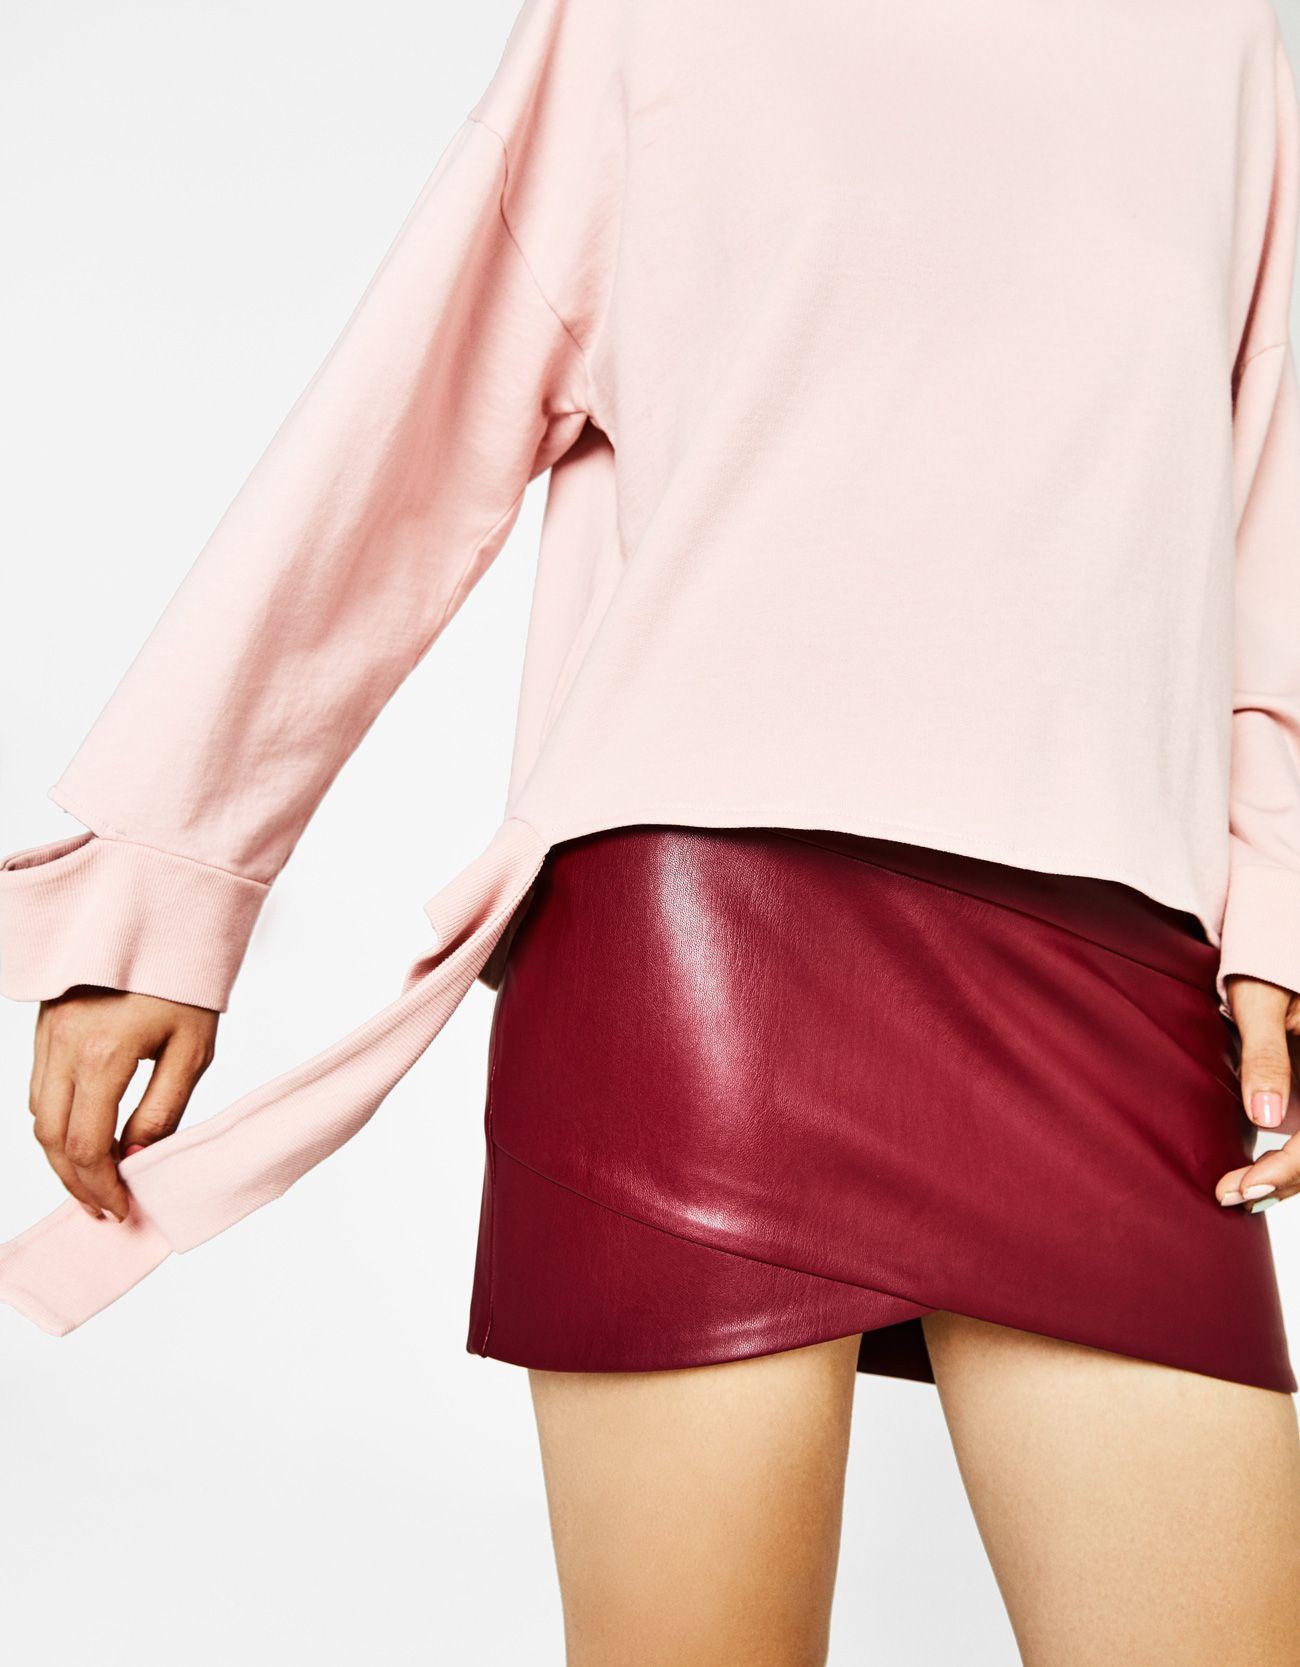 Falda mini efecto piel. Descubre ésta y muchas otras prendas en Bershka con  nuevos productos cada semana 0fb8eee3927d